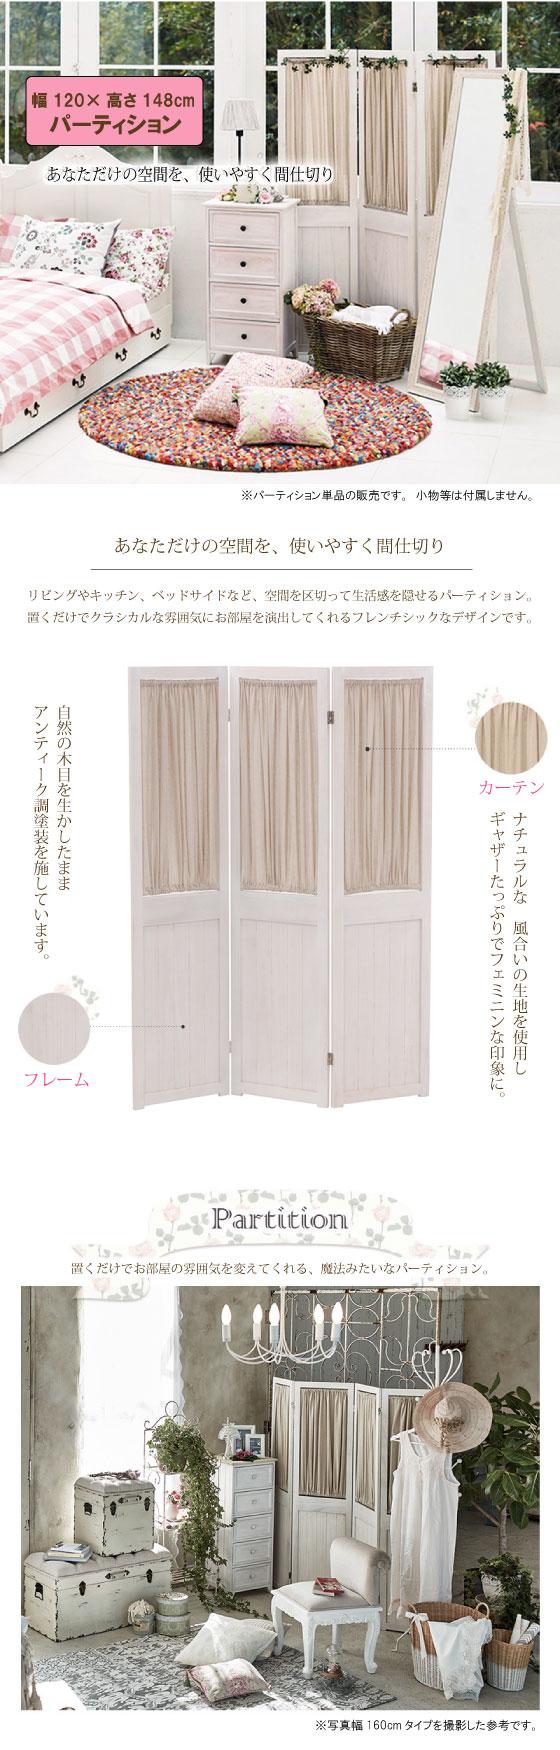 高さ148cm・天然木桐製3連パーティション(完成品)